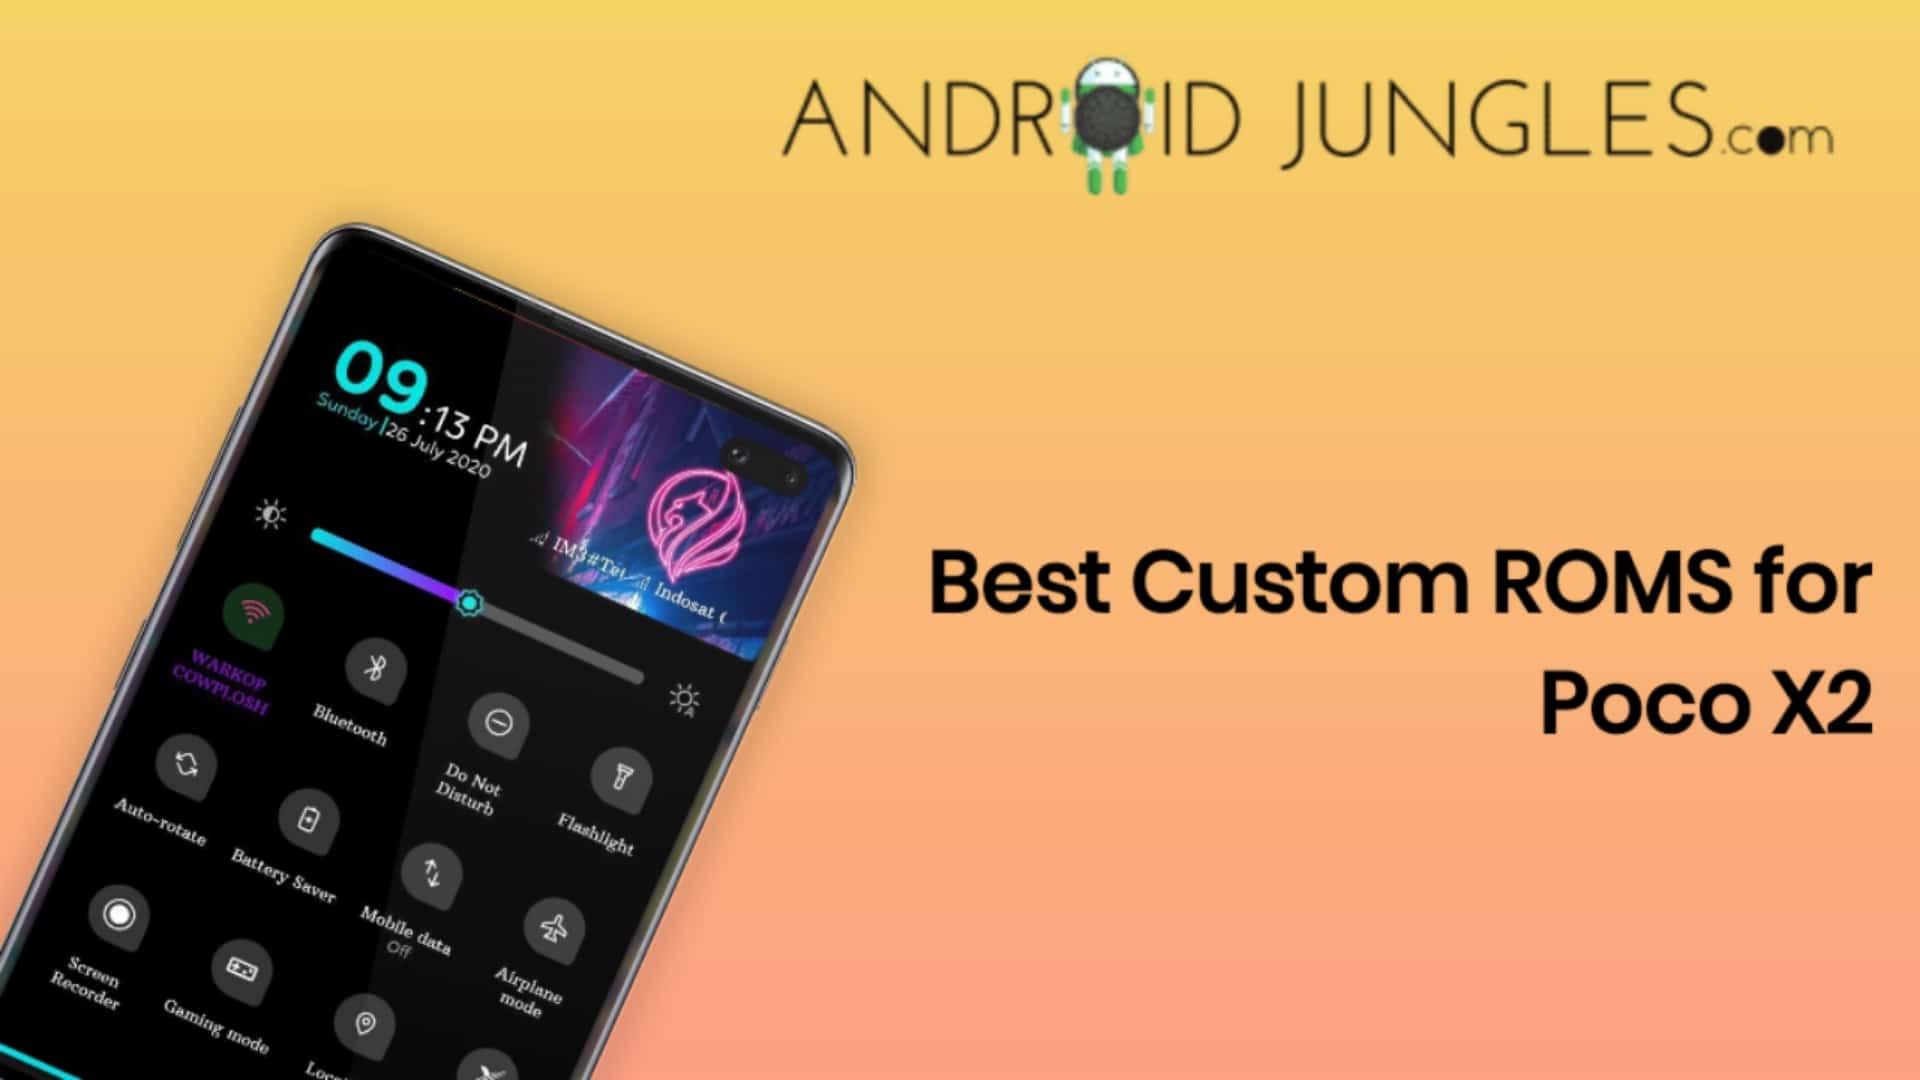 Best Custom ROMs for Poco X2 in July 2020